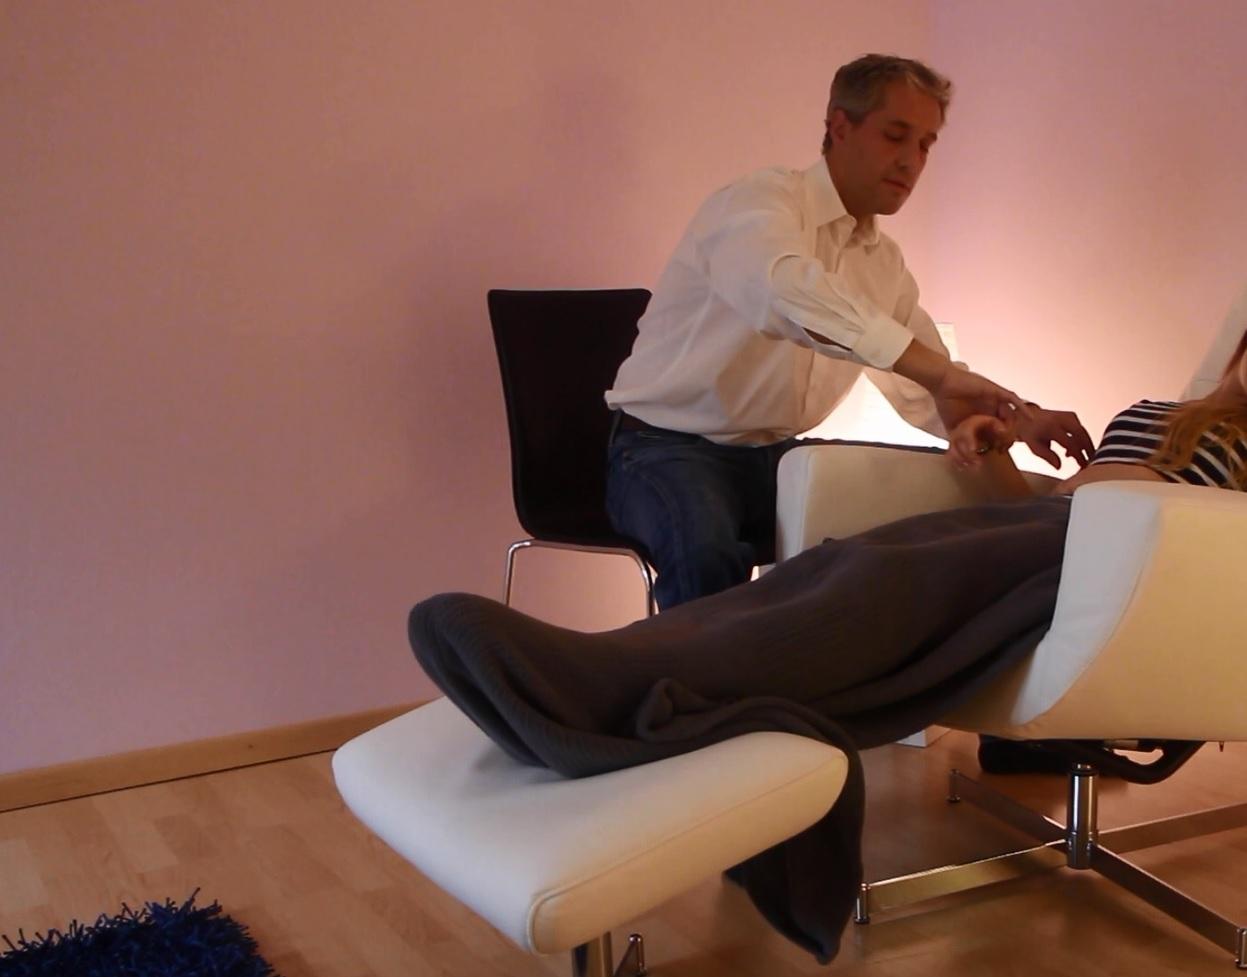 Projektarbeit über Hypnose und Hypnosetherapie (Videodokumentation)